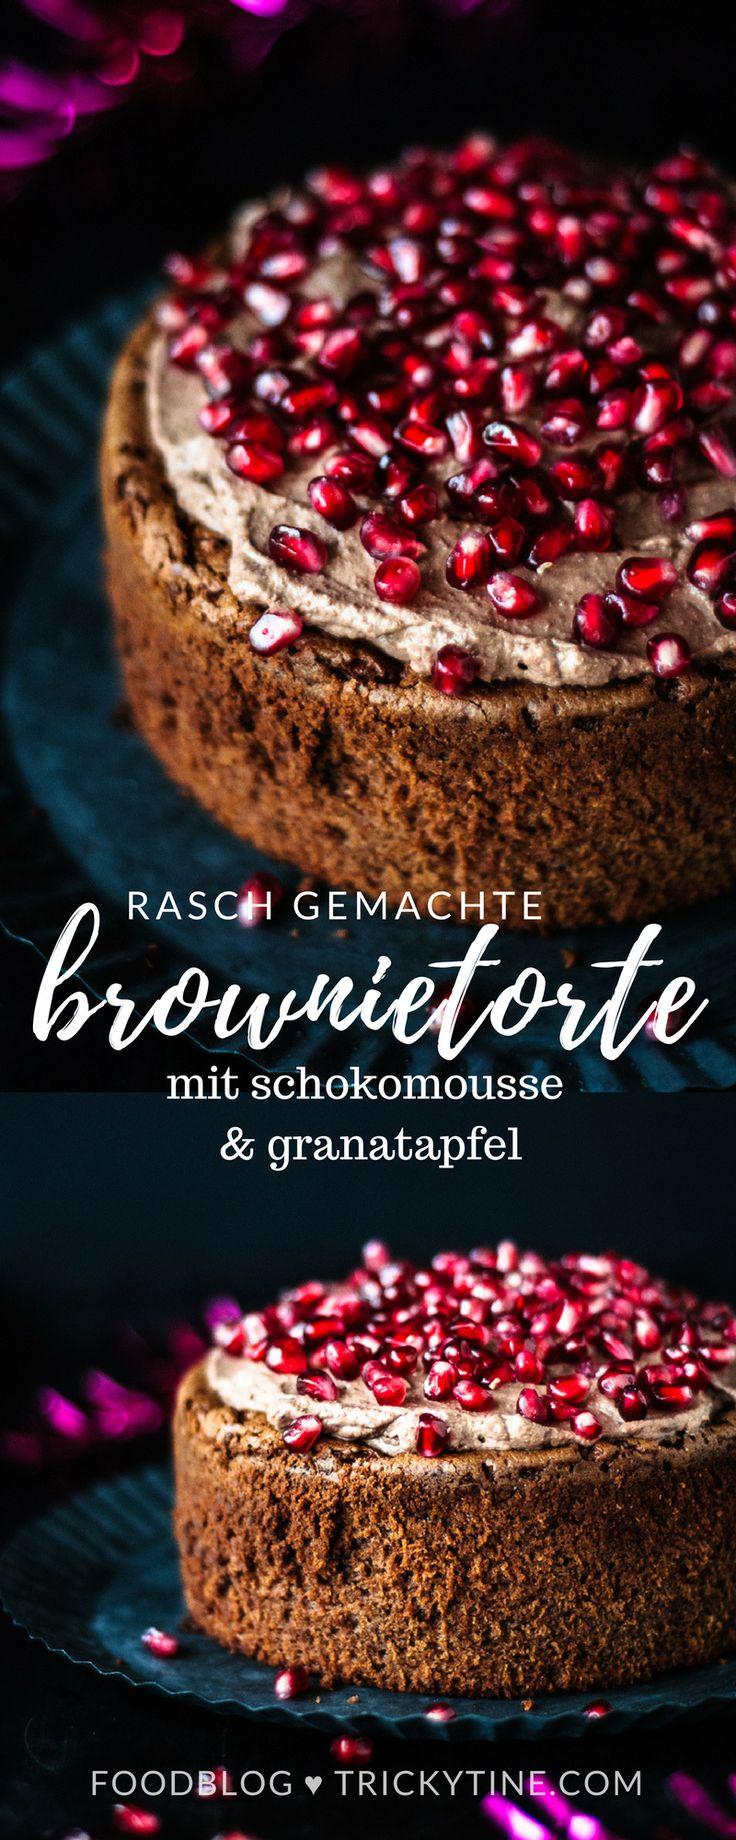 brownietorte mit schokomousse aus dem thermomix und granatapfel ♥ trickytine #thermomix #rezept #food #blogger #baking